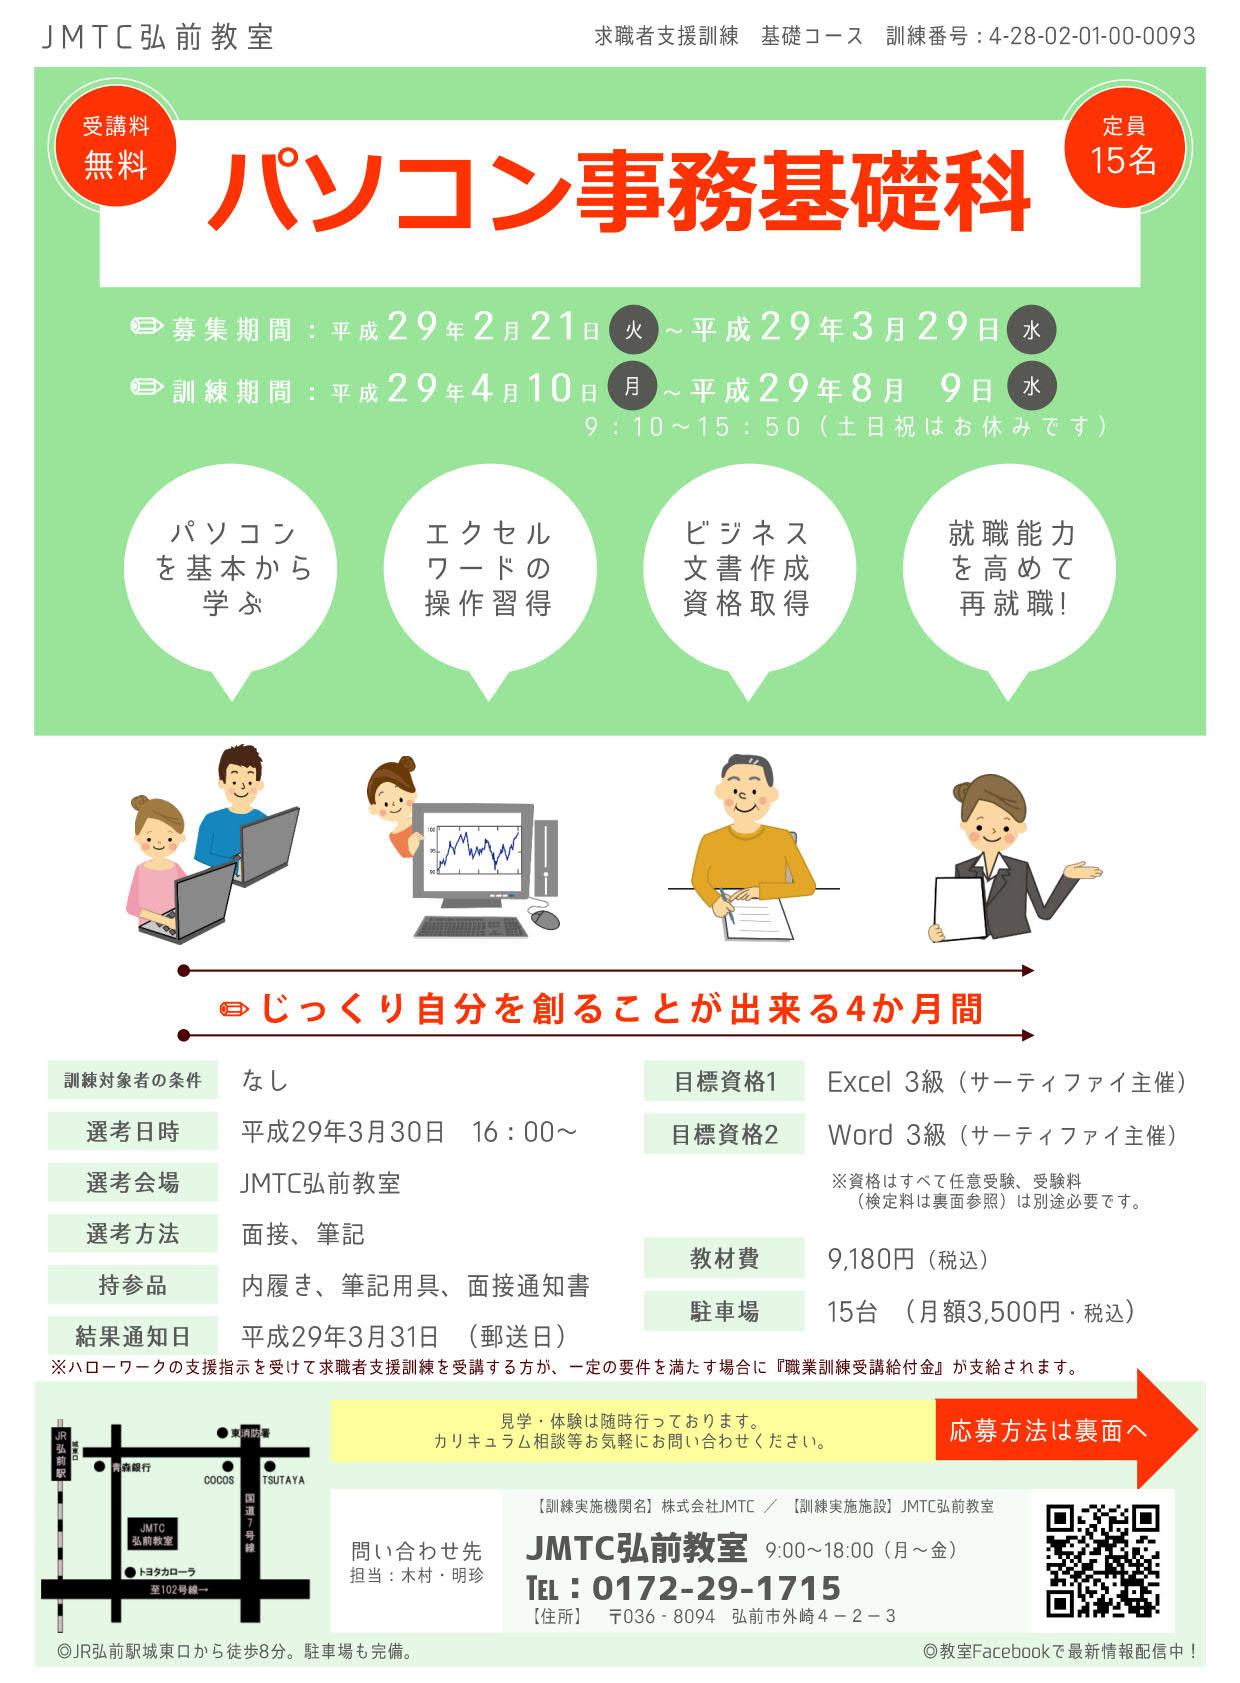 パソコン事務基礎科